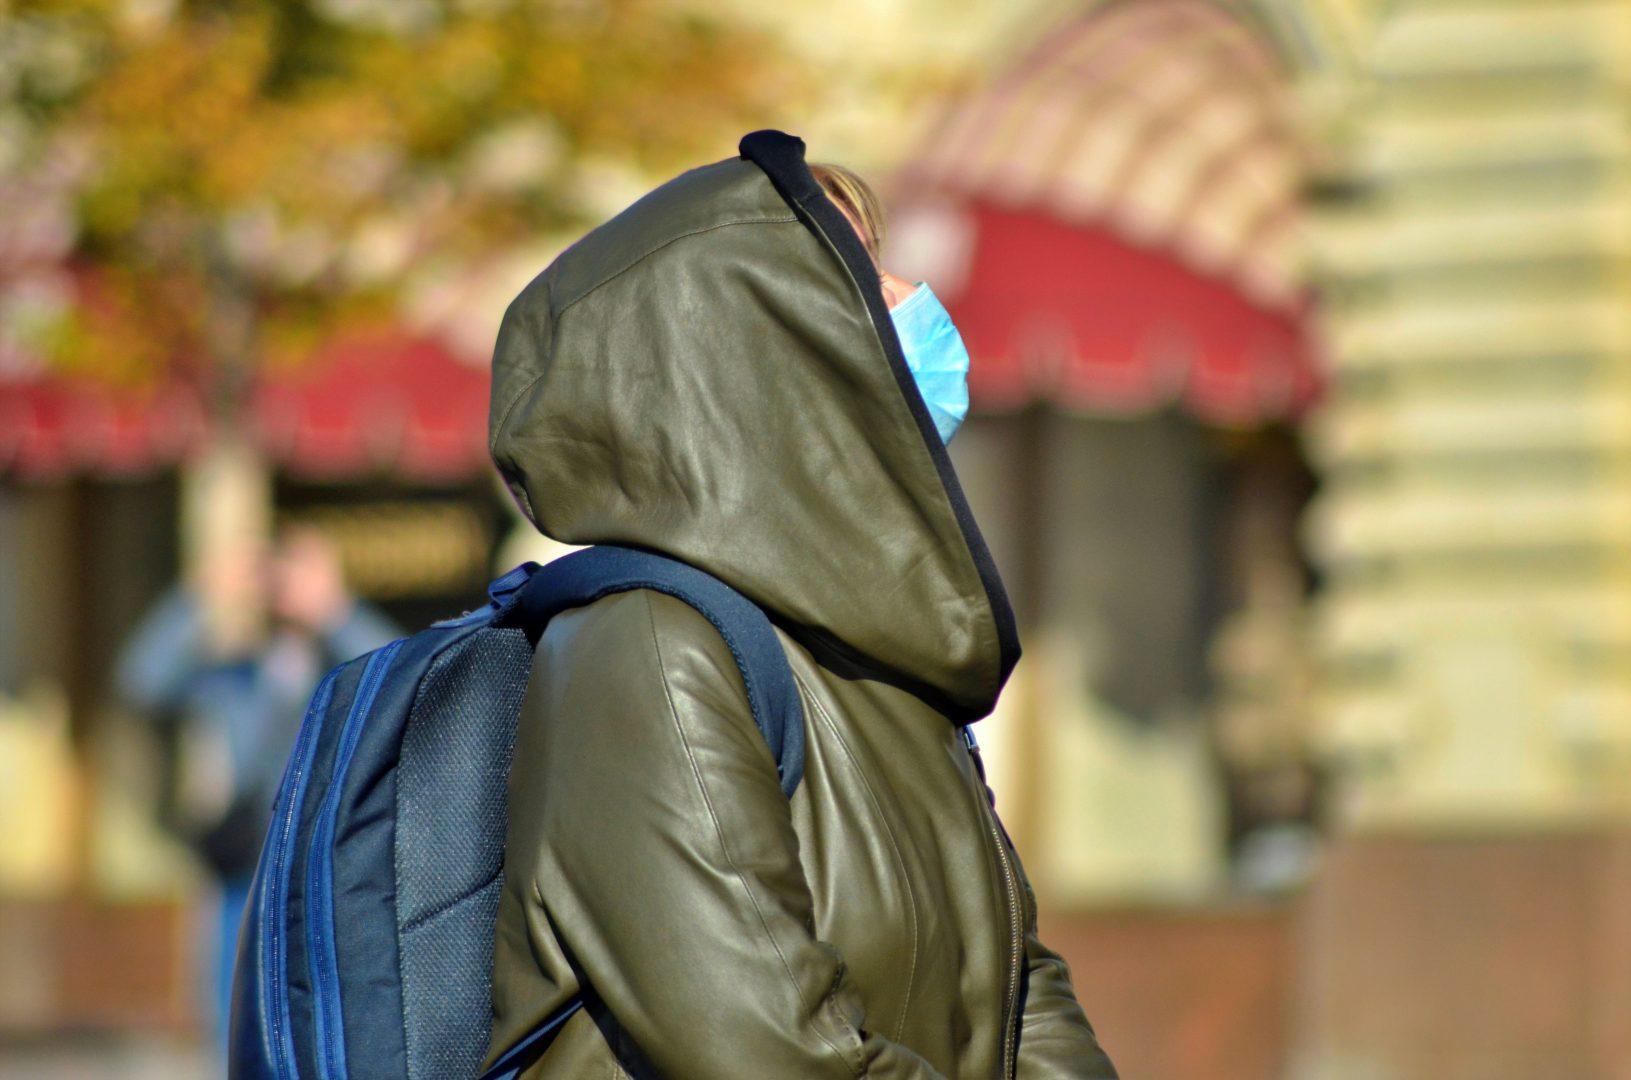 Арендаторов и управляющую компанию ТЦ «Авиапарк» могут наказать за нарушение аниковидных мер. Фото: Анна Быкова